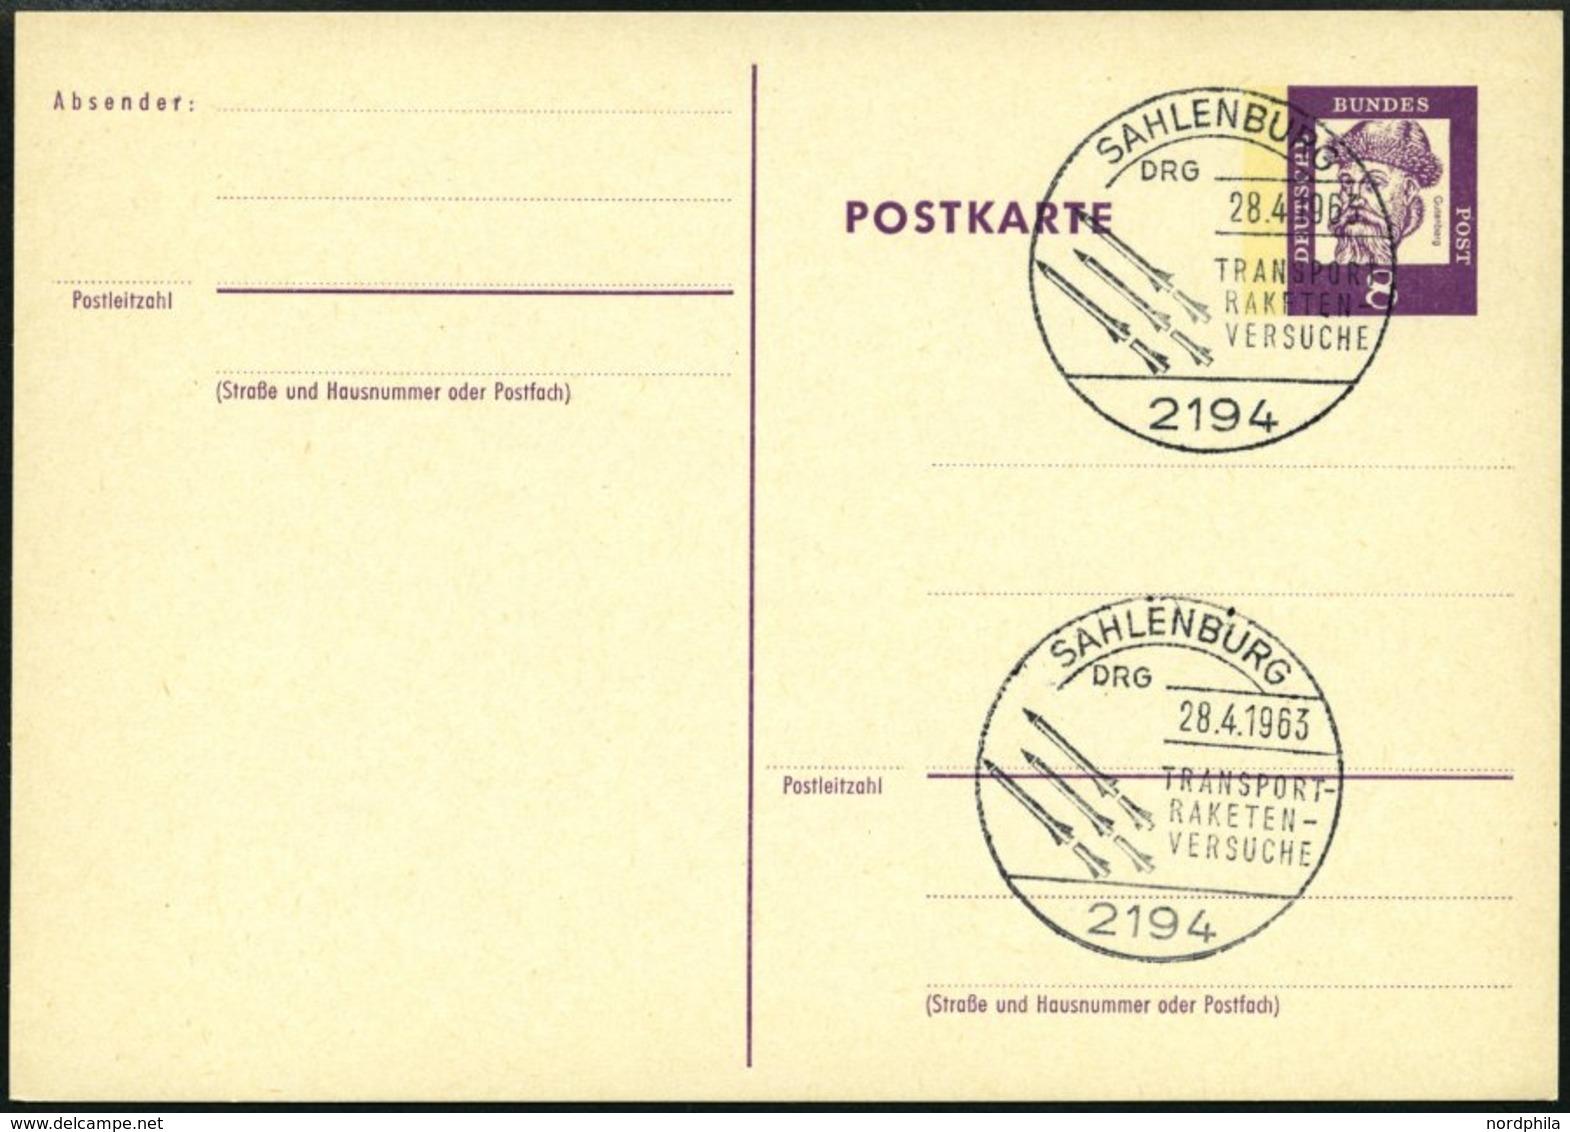 GANZSACHEN P 73 BRIEF, 1962, 8 Pf. Gutenberg, Postkarte In Grotesk-Schrift, Leer Gestempelt Mit Sonderstempel SAHLENBURG - Deutschland